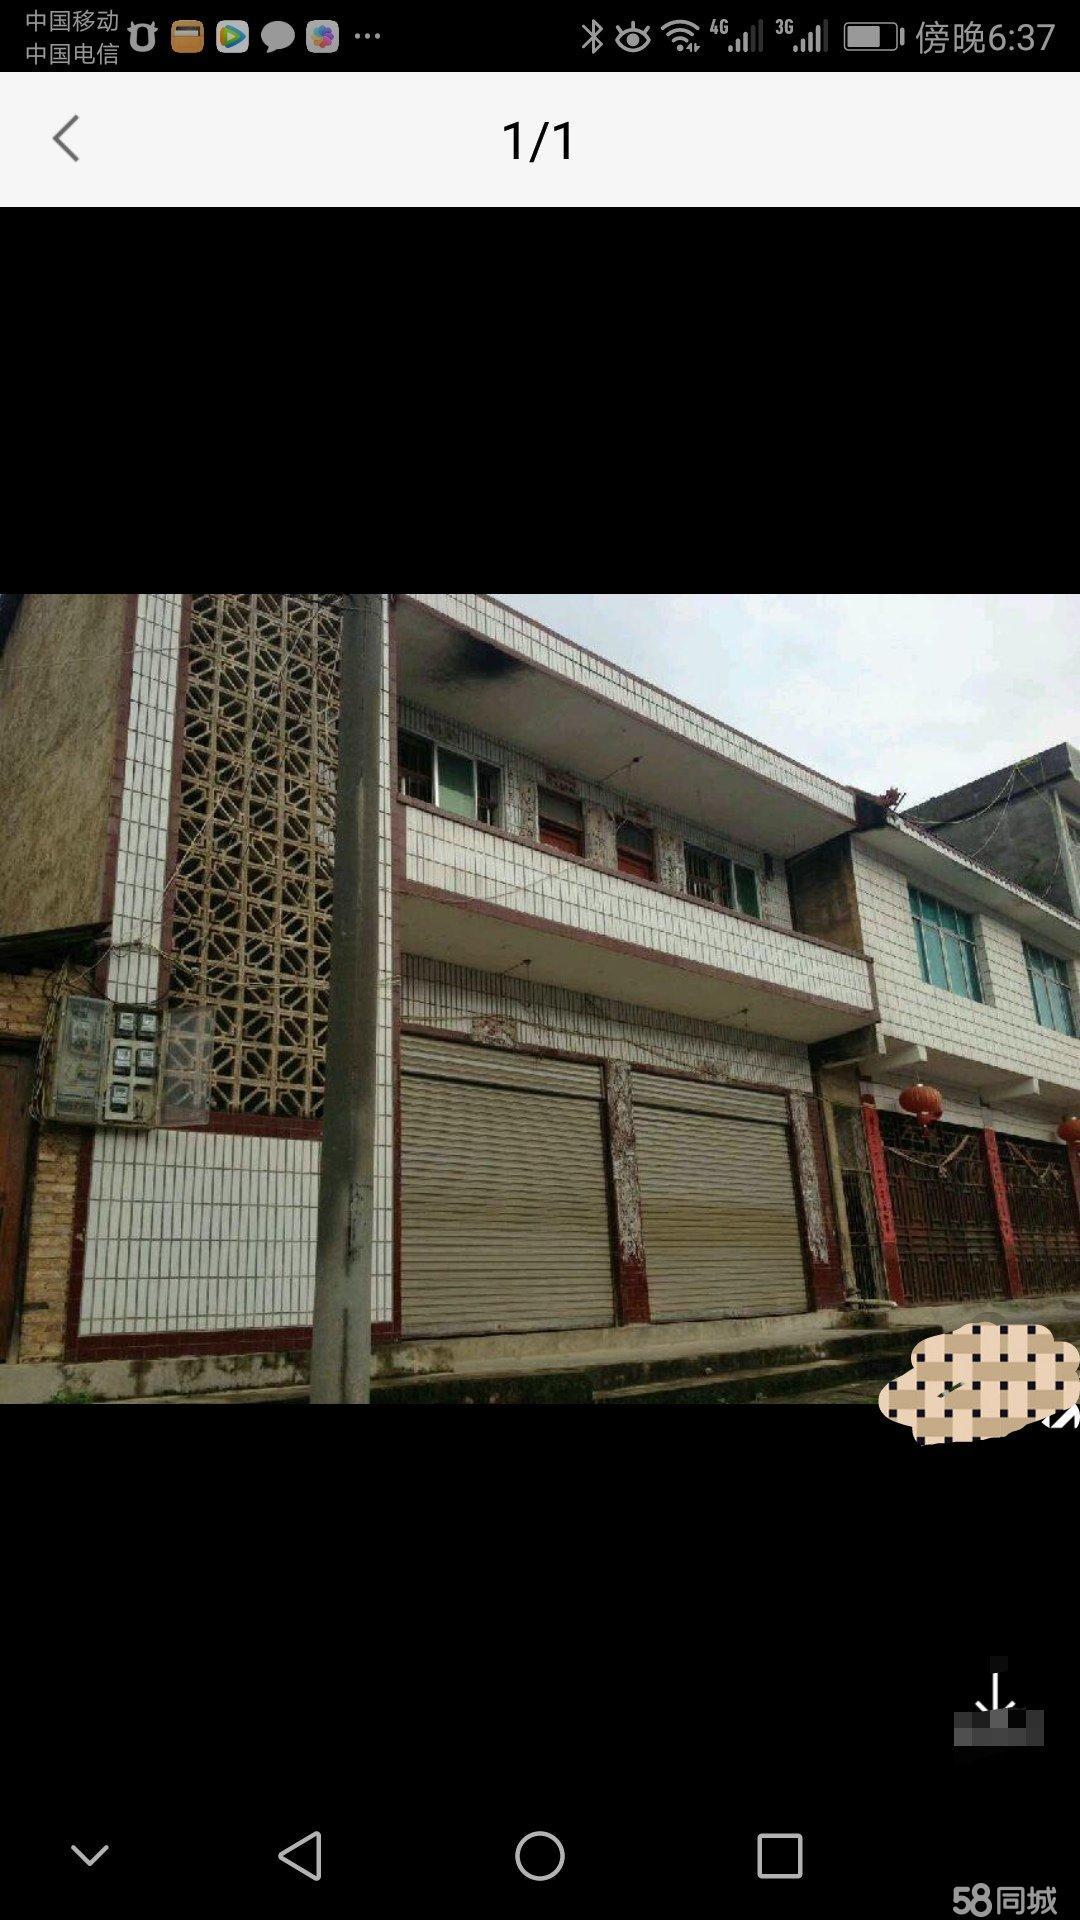 平塘摆茹镇中学后面自建房整栋出售出租